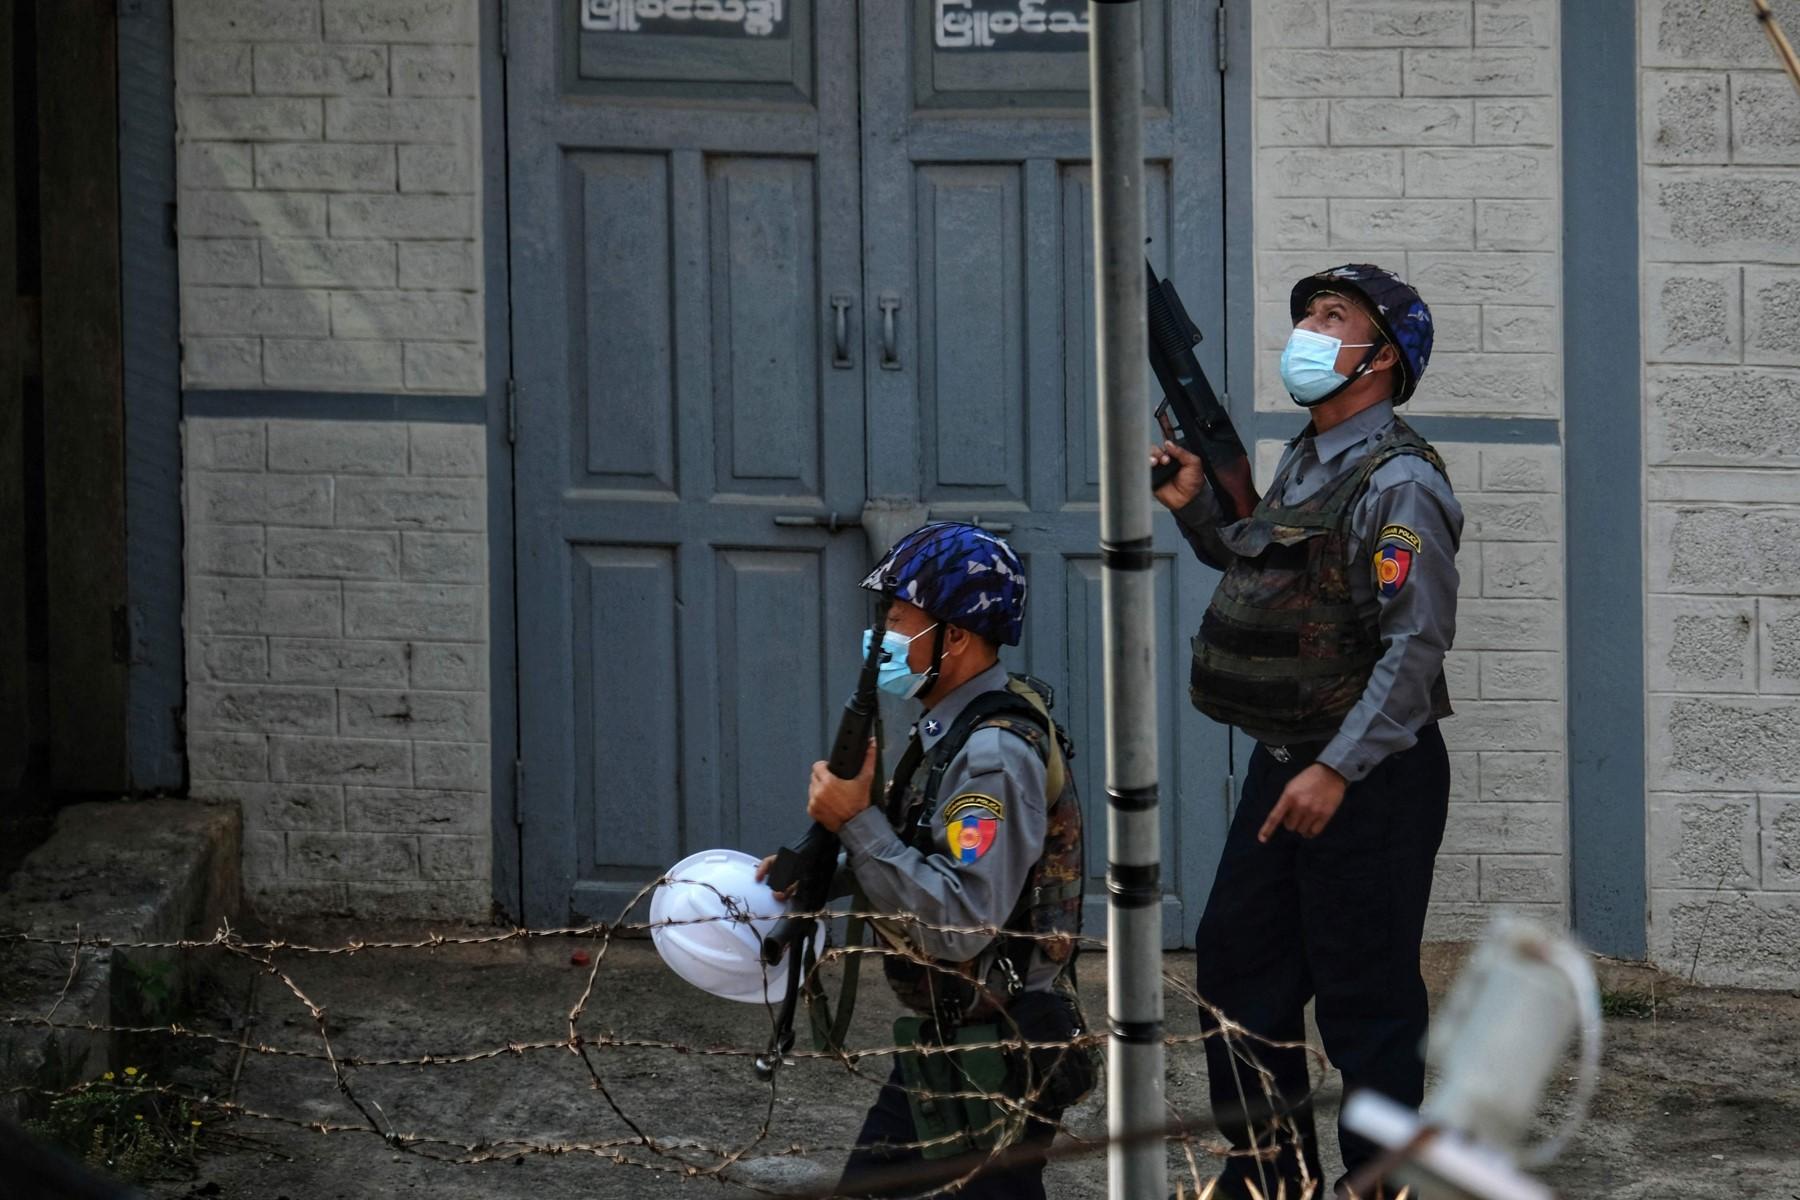 أكثر من 90 قتيلا في ميانمار في ظل استمرار الاحتجاجات ضد الجيش